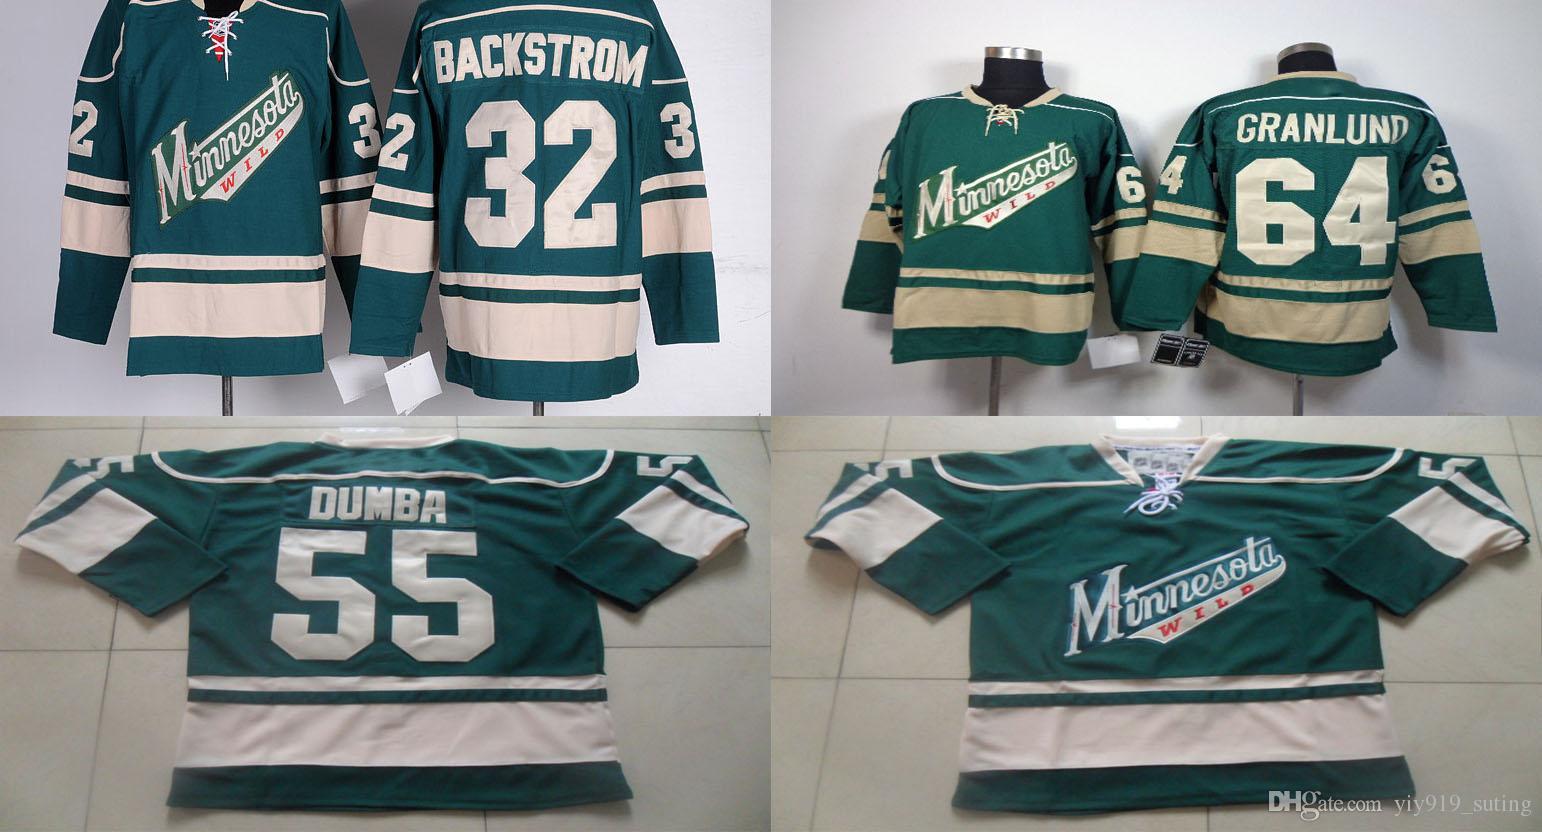 bb5889972d4 ... Green 2016 Stadium Series NHL mikael granlund jersey minnesota wild  mens jerseys 32 niklas backstrom 55 matt dumba 64 mikael ...